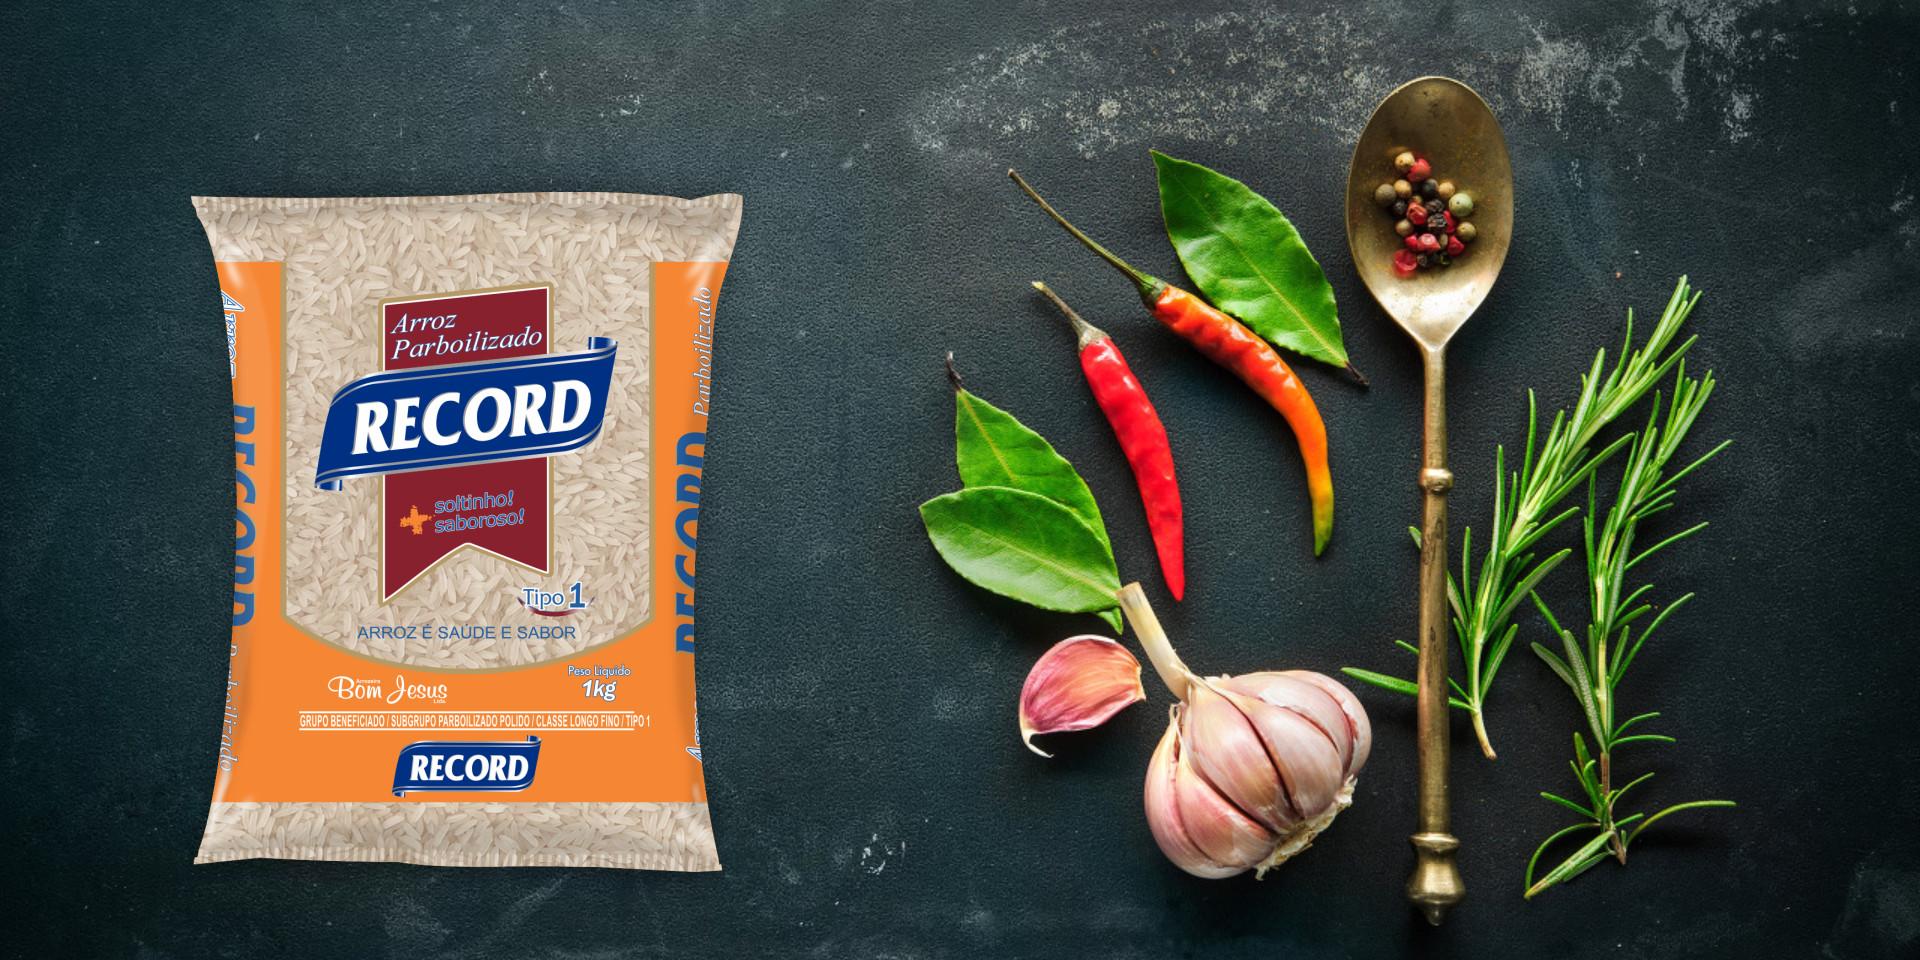 Imagem de fundo mostra as embalagens do arroz parbolizado Record, pimentas, alho e uma colher